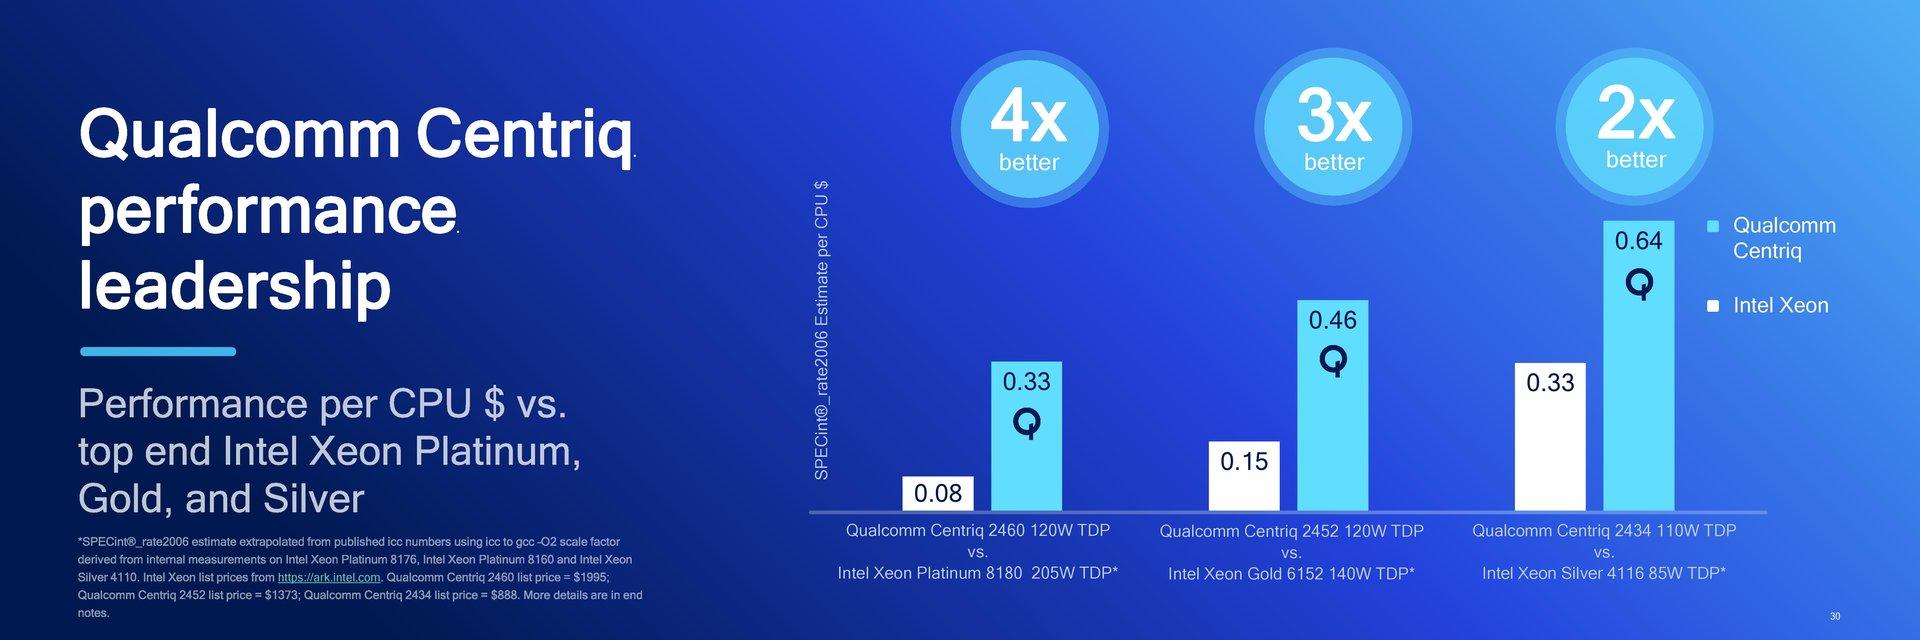 Qualcomm Centriq 2400 im Vergleich zu Intel Xeon